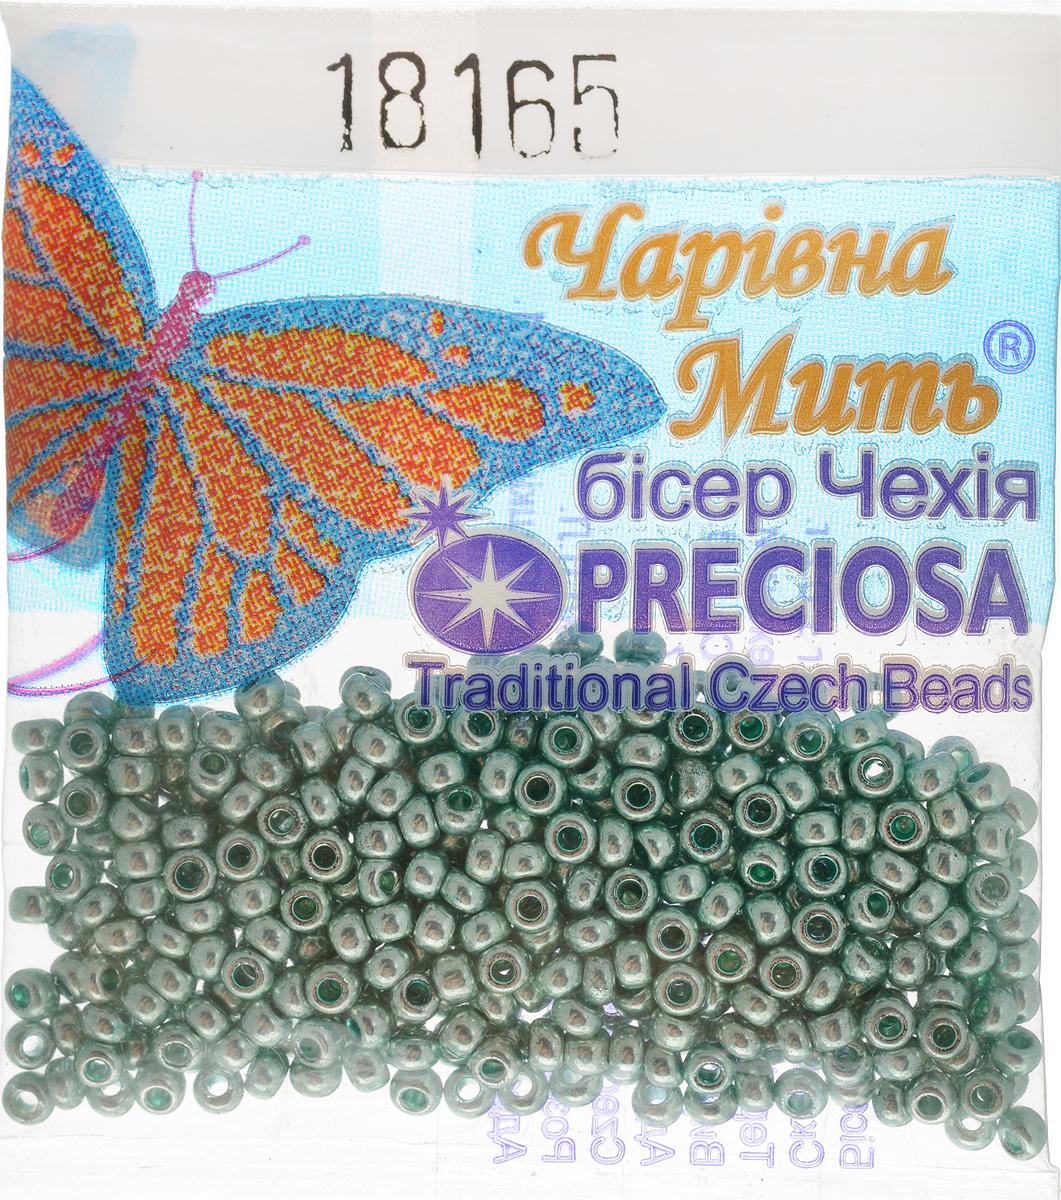 Бисер Preciosa, непрозрачный, глянцевый, цвет: светло-бирюзовый (18165), 10/0, 5 г бисер preciosa ассорти непрозрачный глянцевый цвет светло лиловый 03195 10 0 20 г